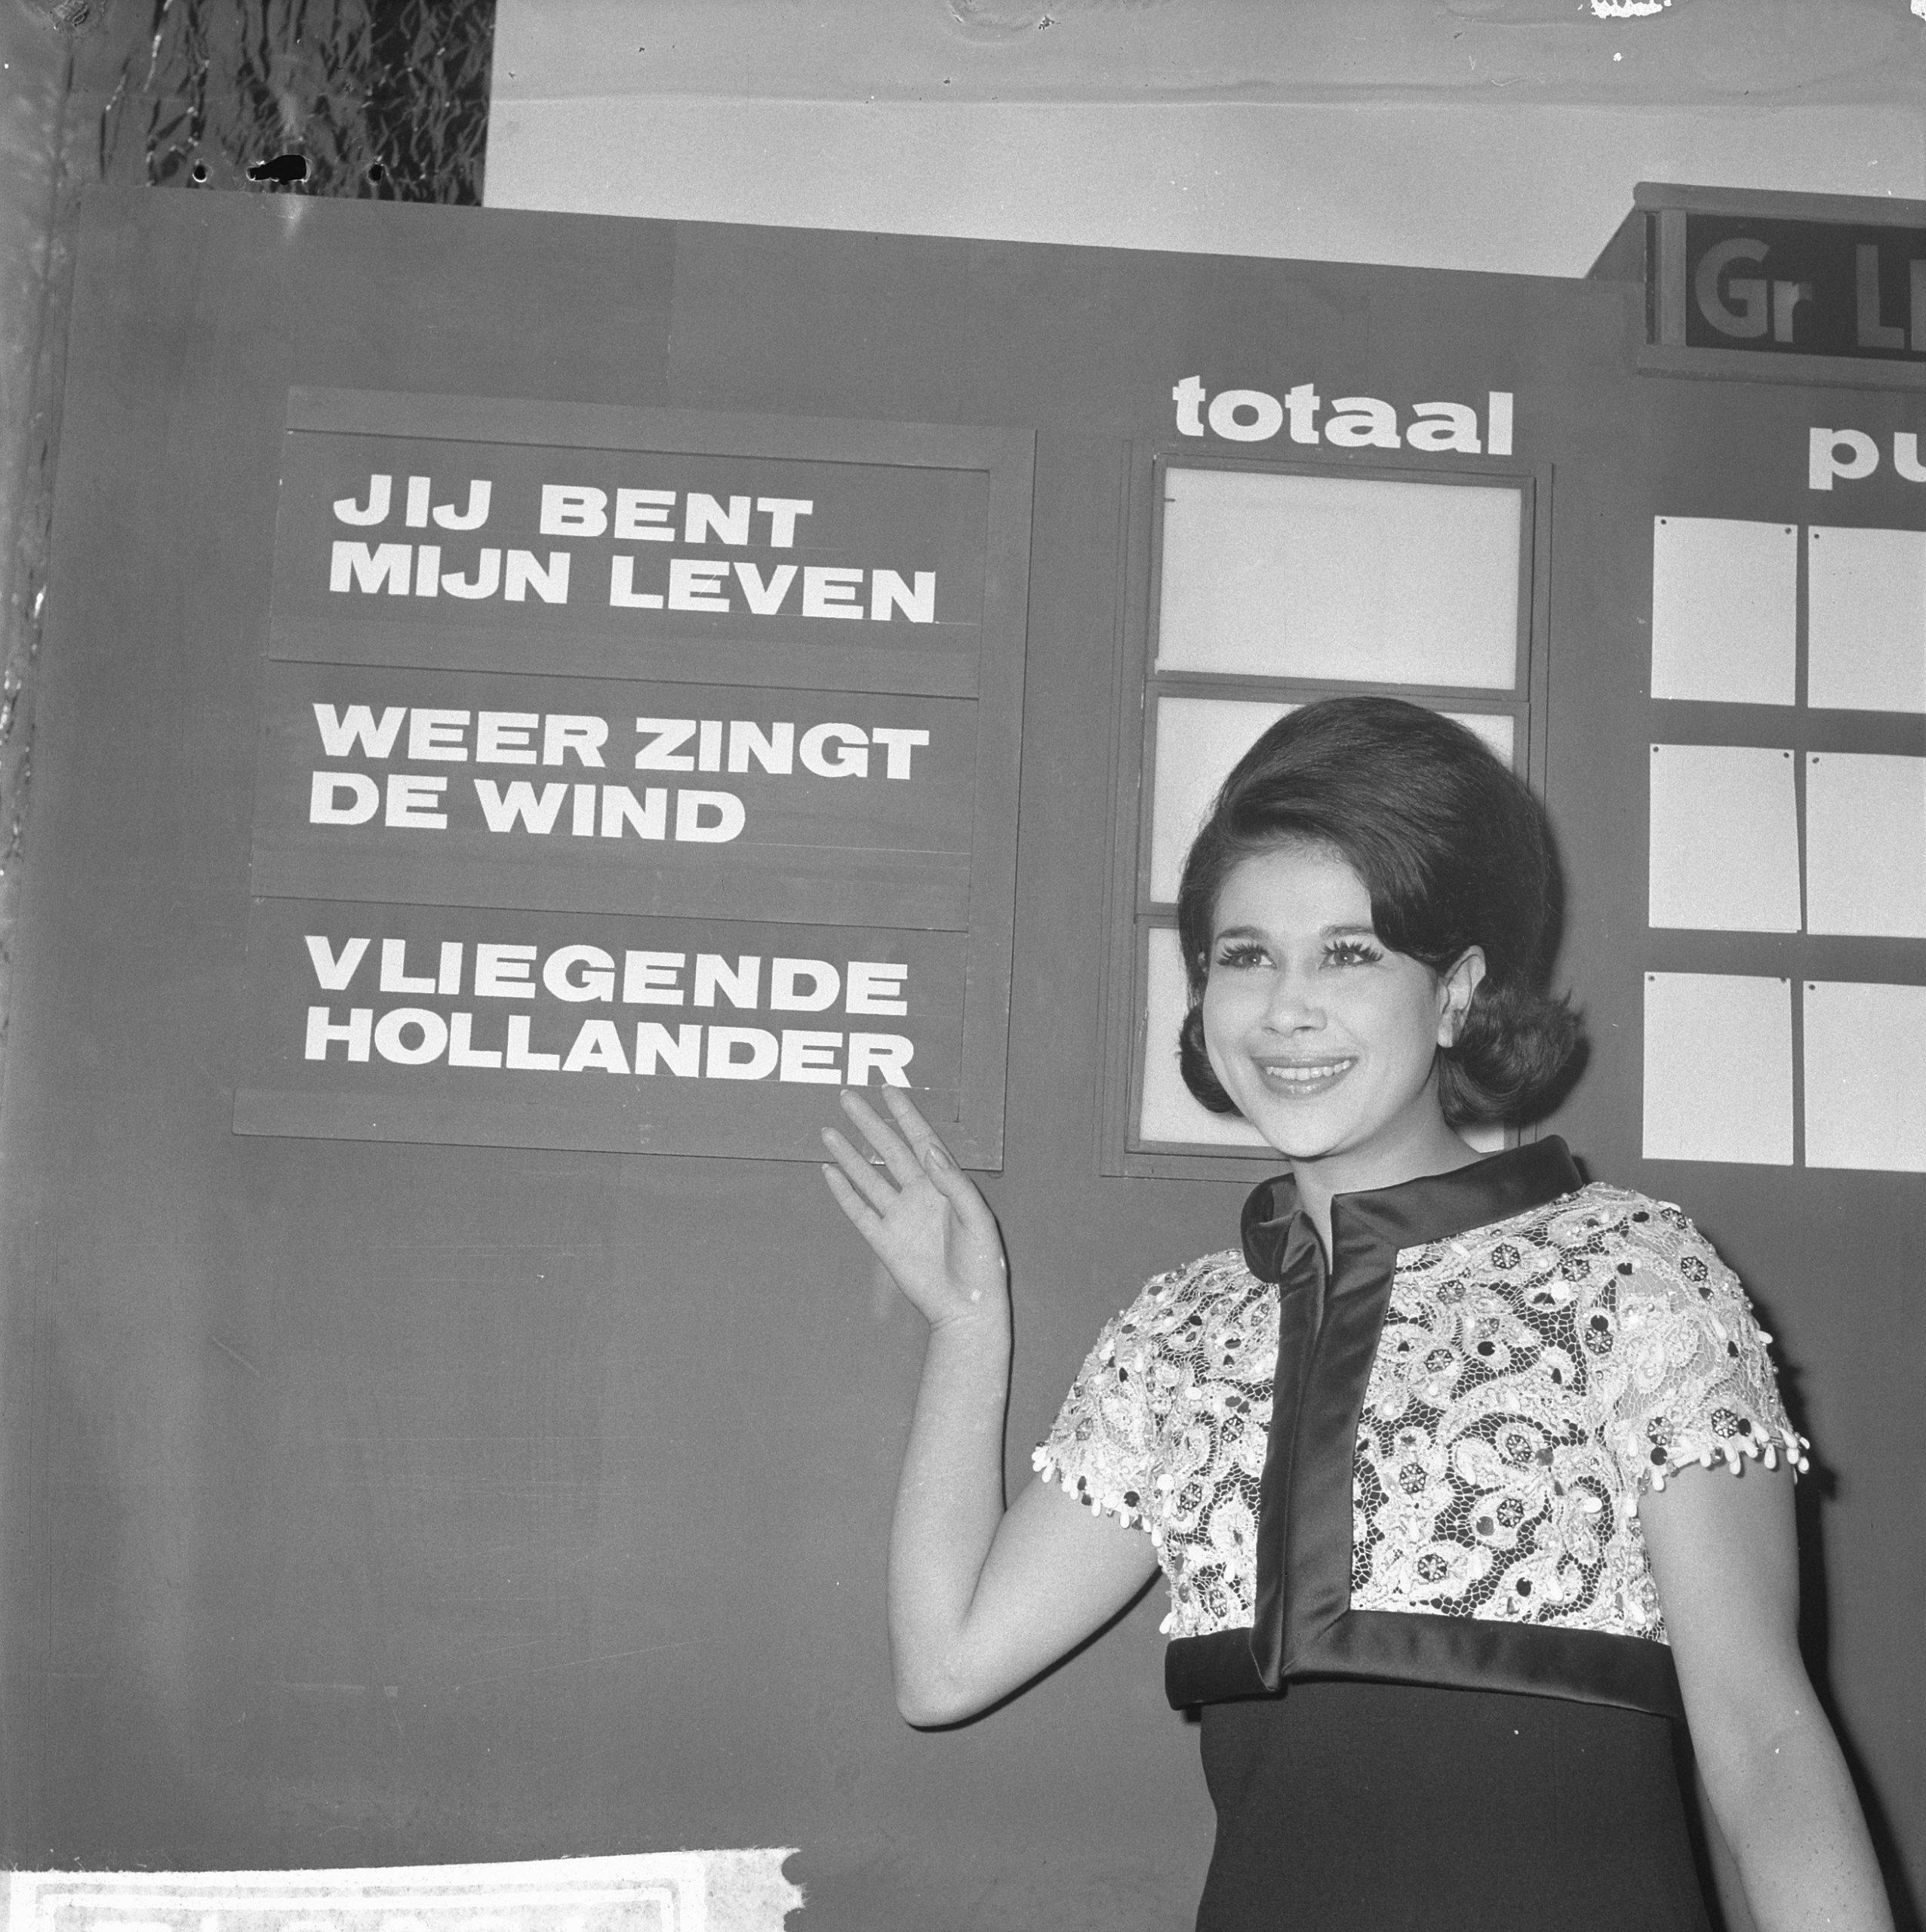 Nationaal Songfestival 1964: Ein Leben in Gefahr